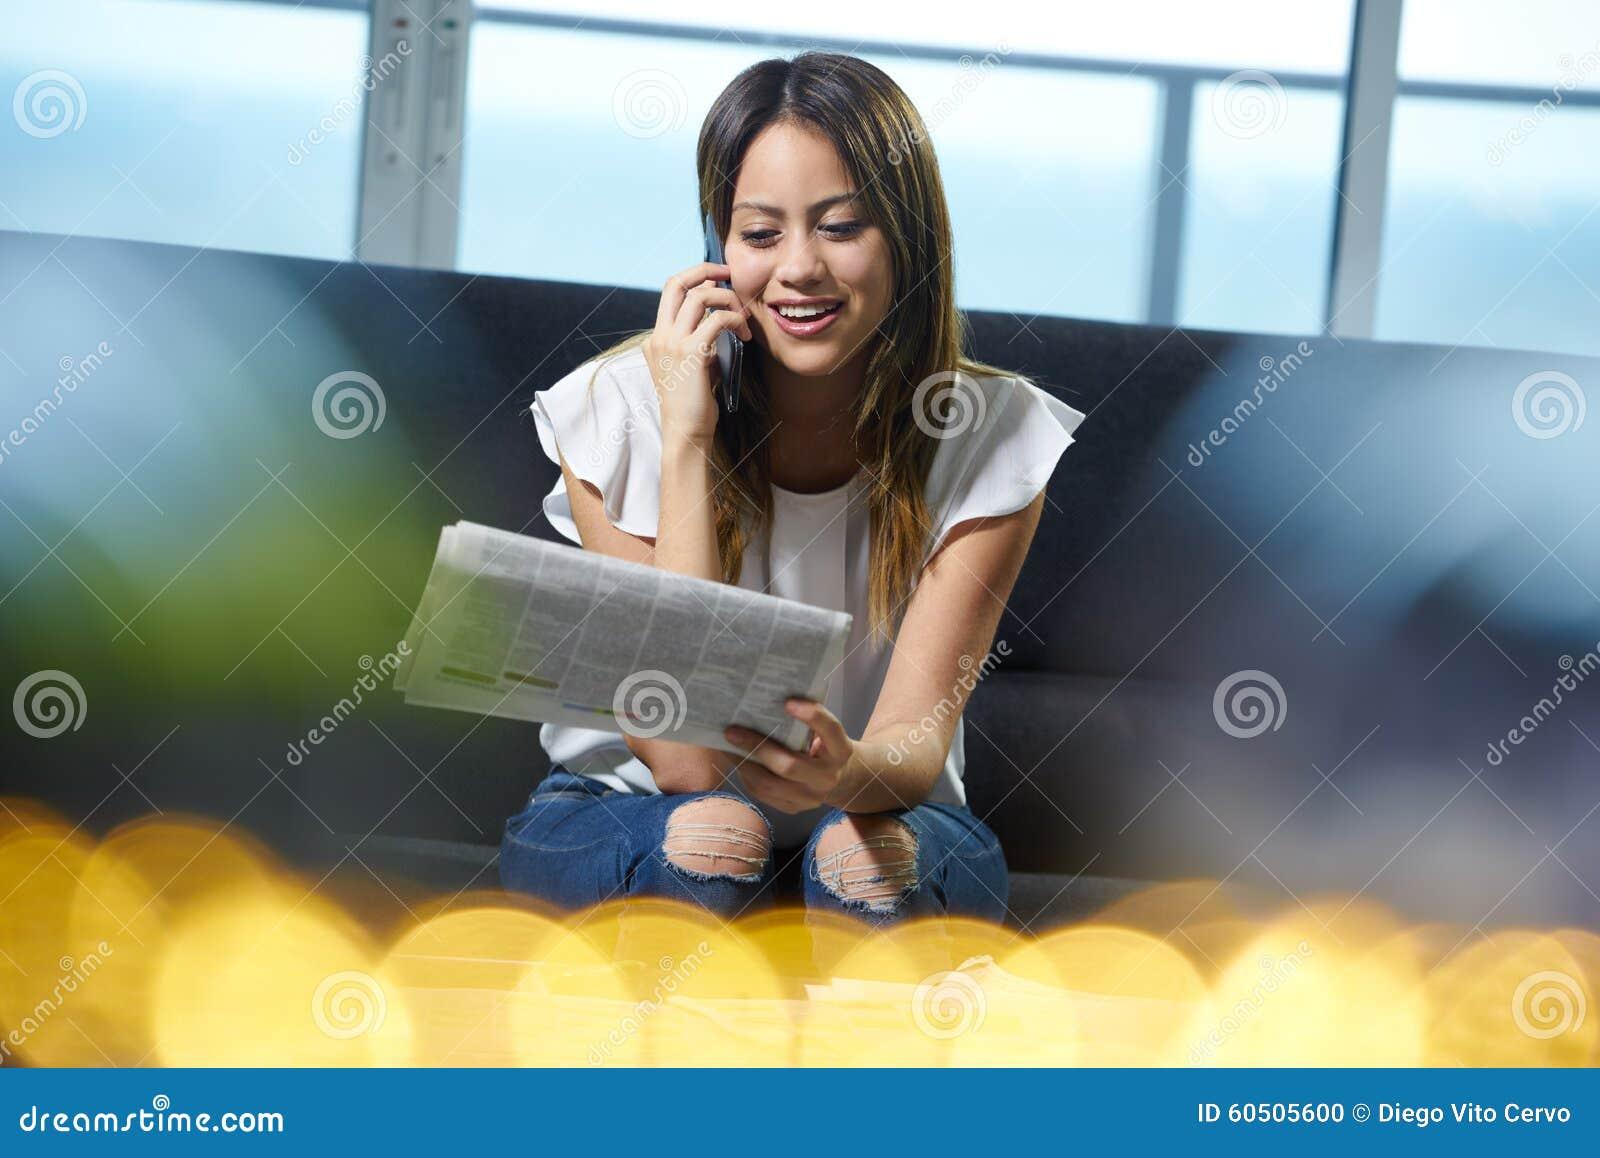 Поиск работы для молодой девушки качества девушек для работы